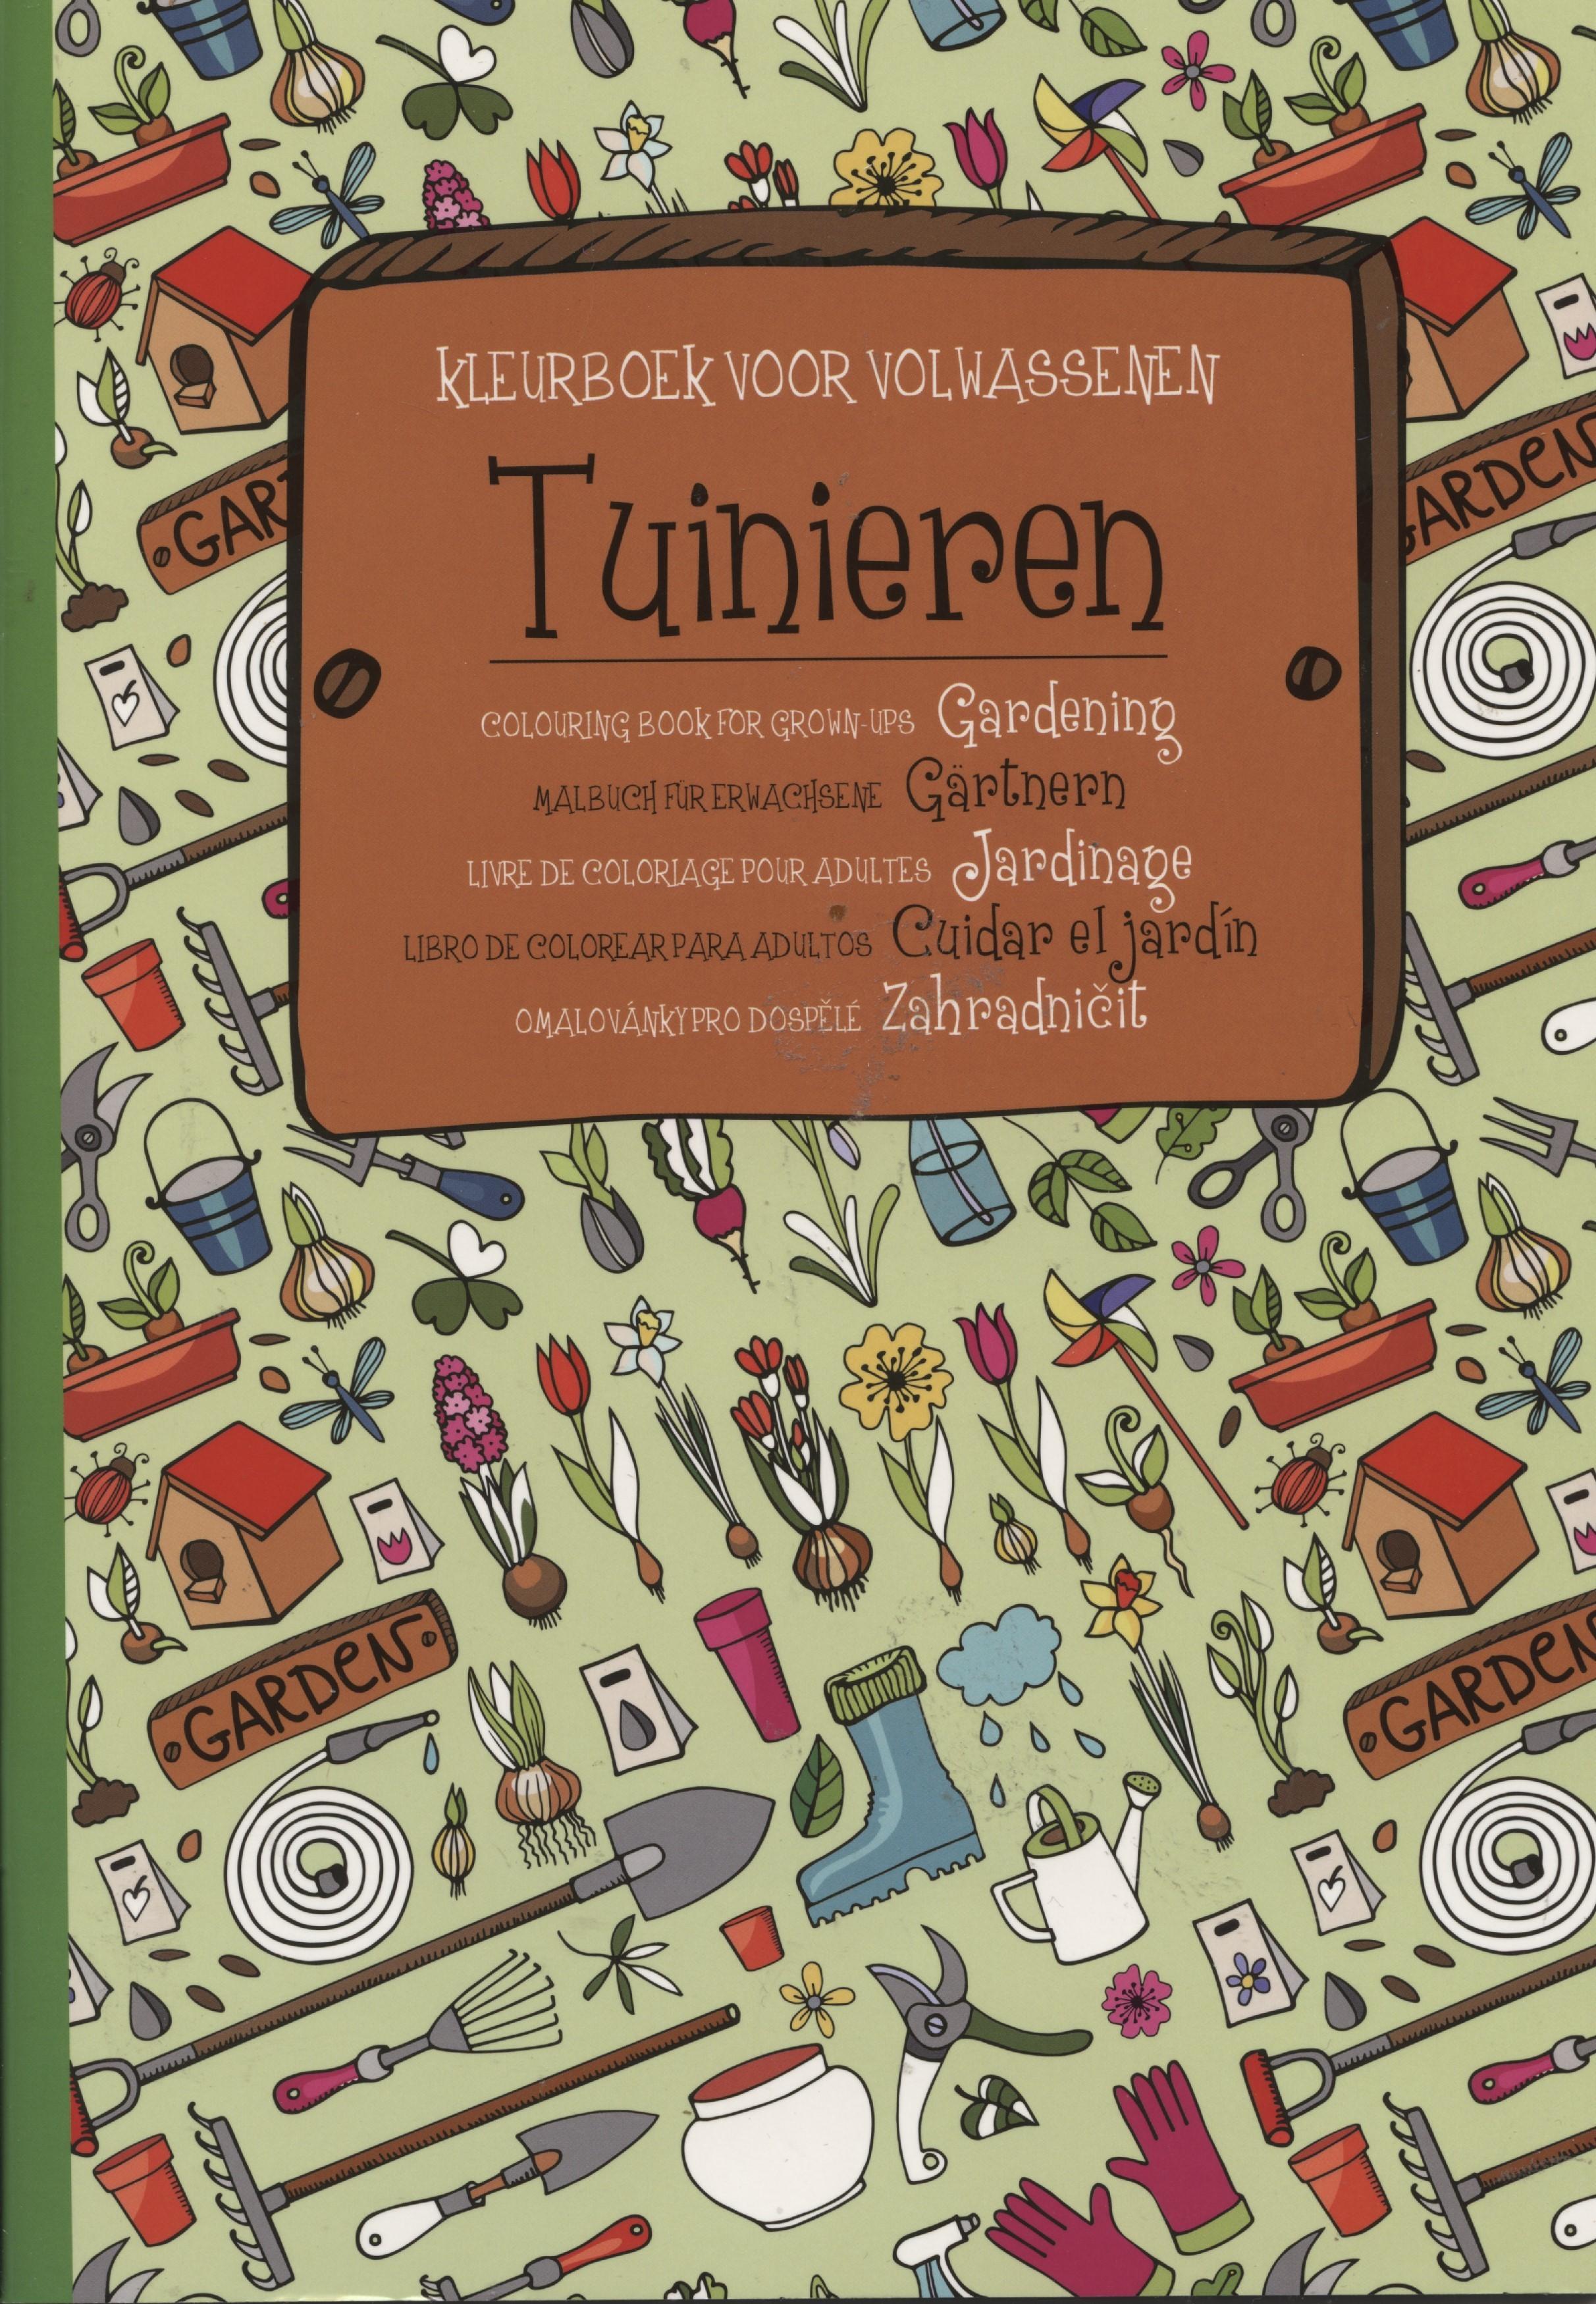 Kleurboek voor volwassenen tuinieren action